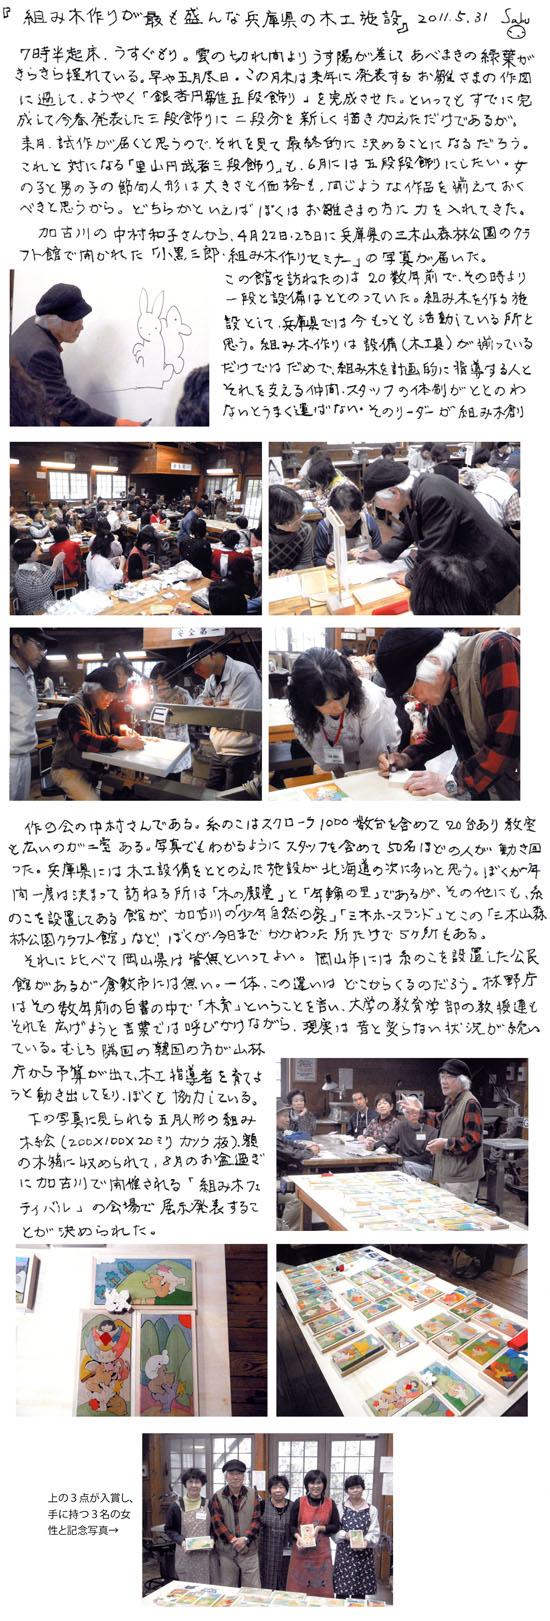 小黒三郎ブログ画像110531.jpg